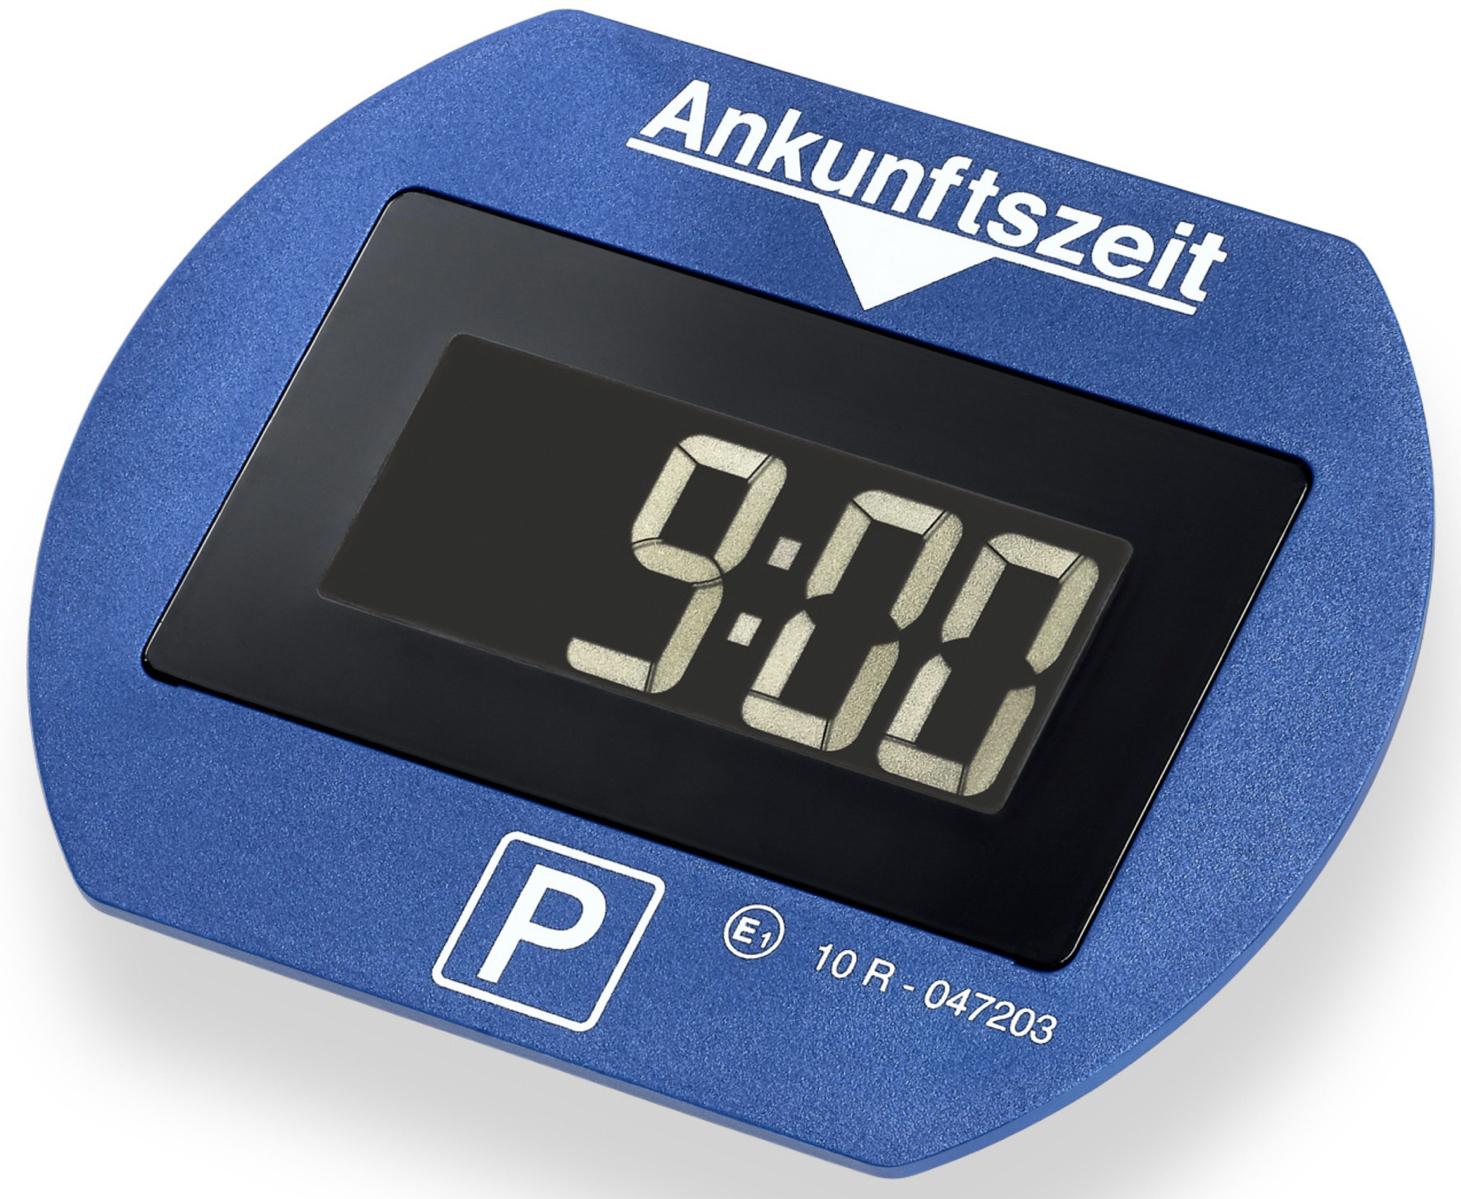 Needit Park Lite 1411 Vollautomatische Parkscheibe für 17,94€ inkl. Versandkosten mit Prime